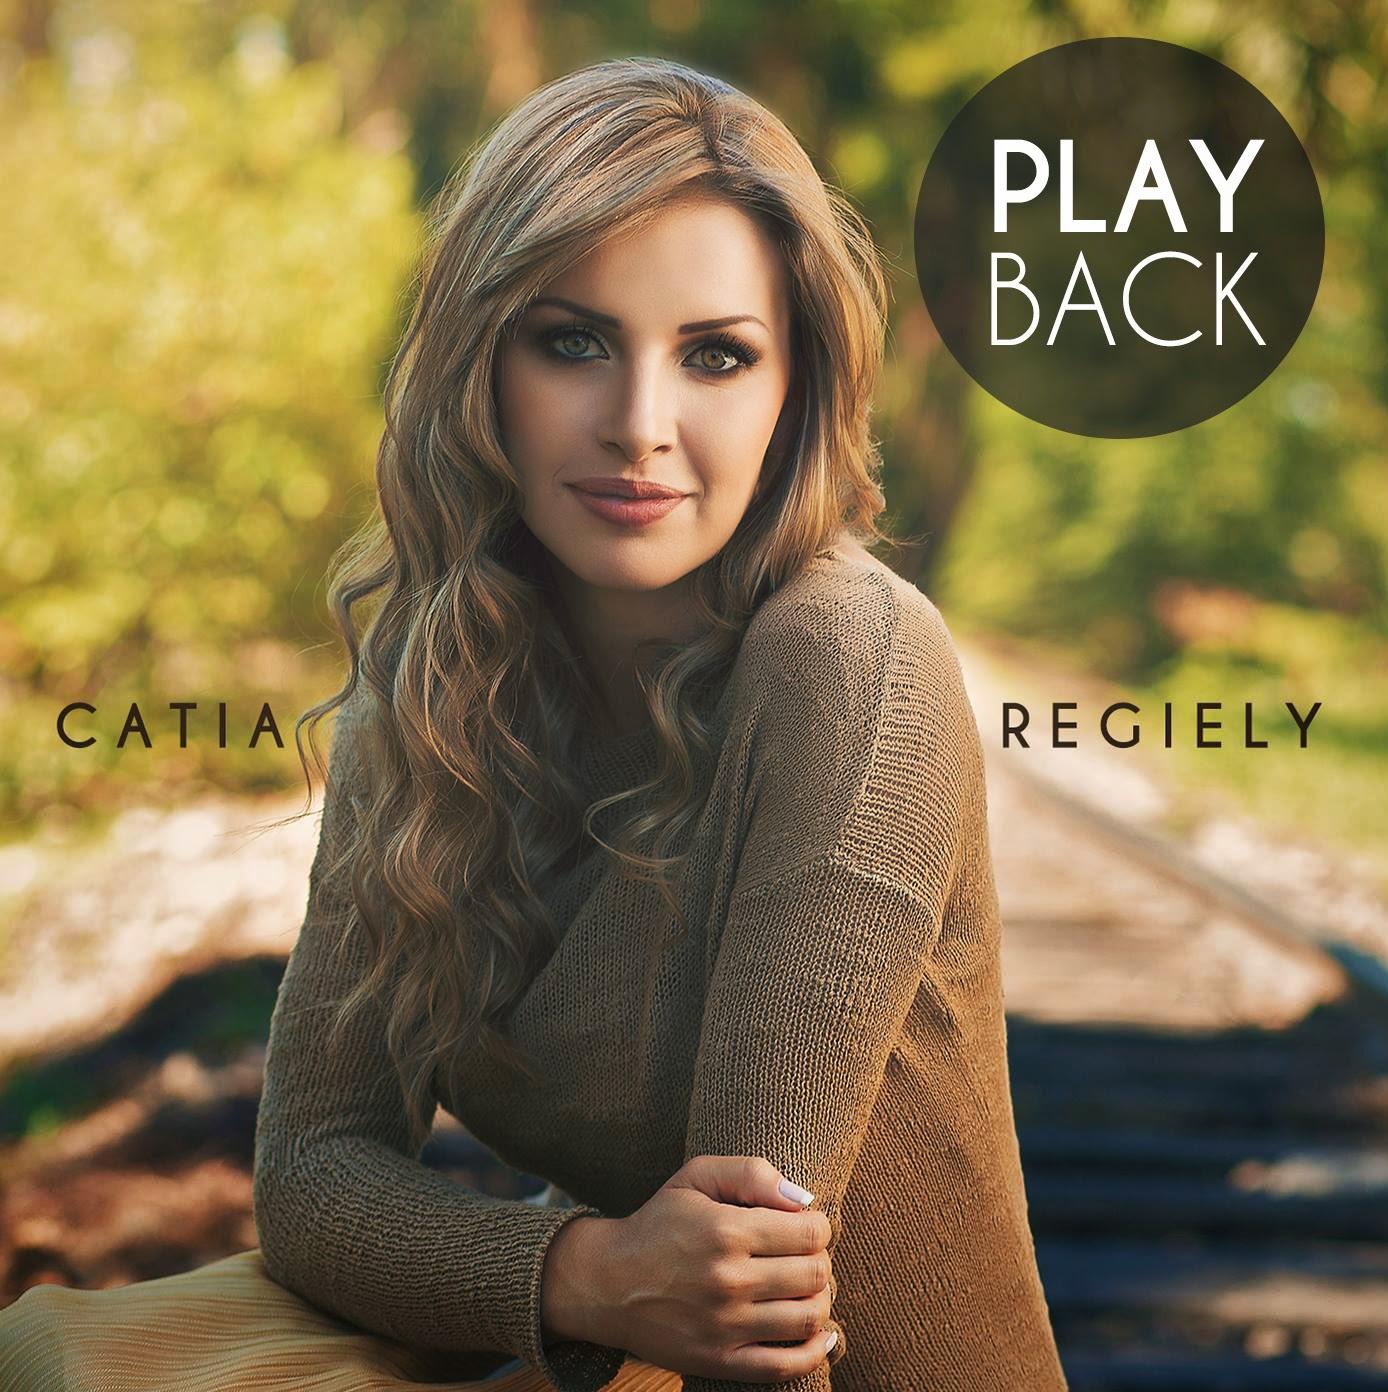 Catia Regiely - O Mundo Vai Ouvir - Playback